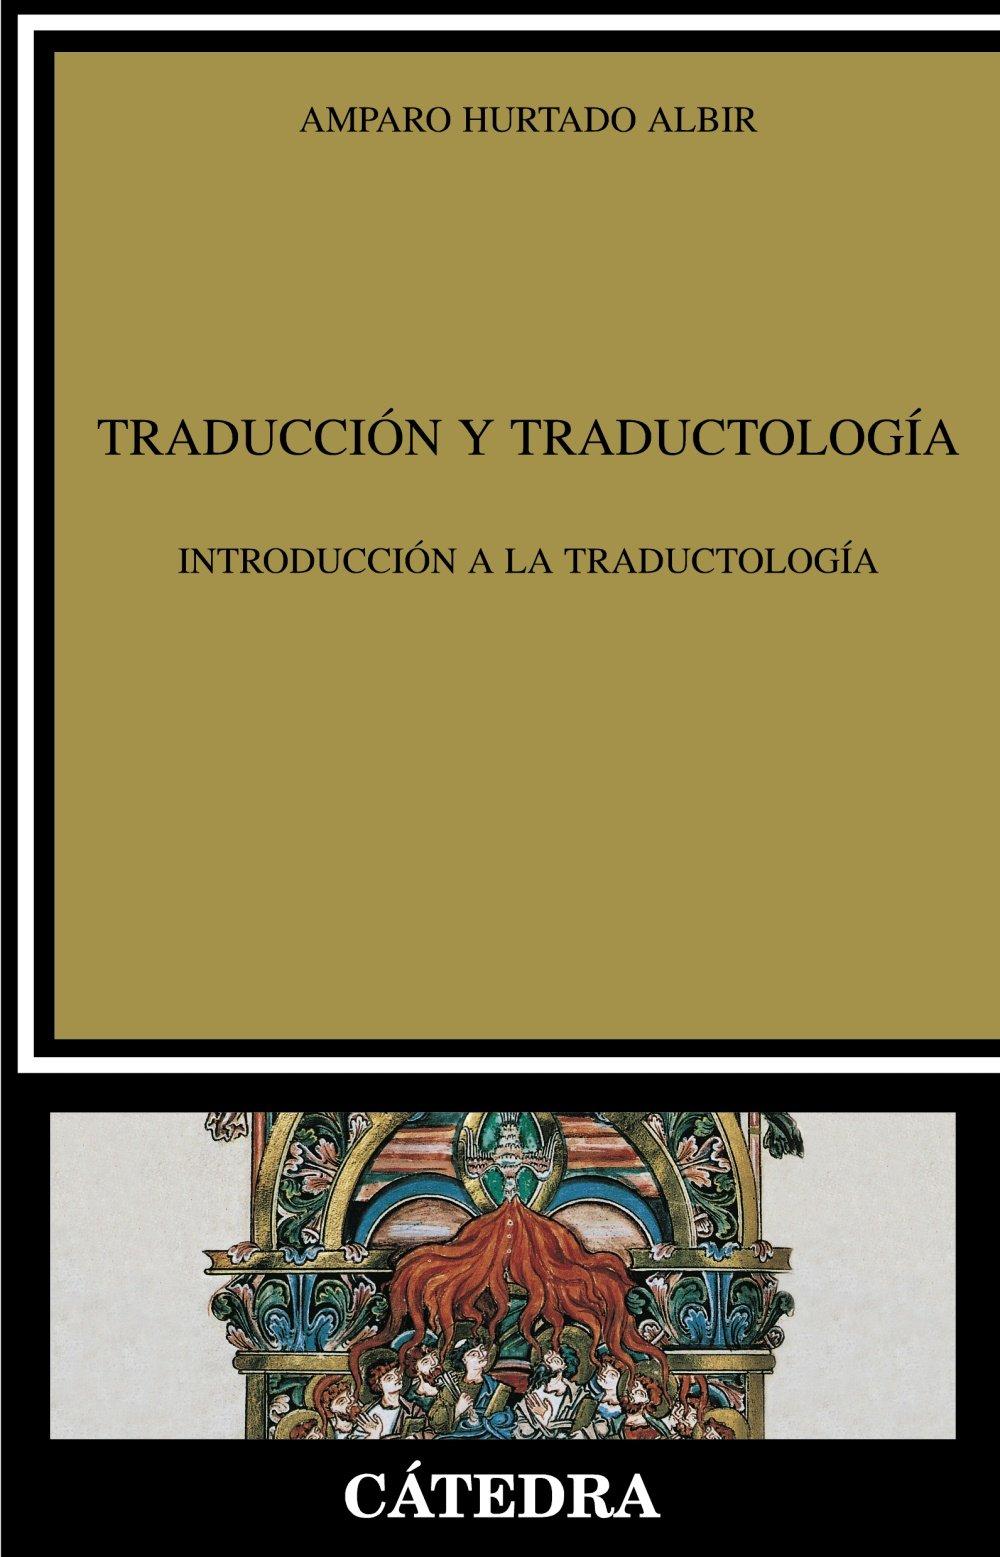 Traducción y Traductología: Introducción a la traductología (Lingüística) Tapa blanda – 21 feb 2011 Amparo Hurtado Albir Cátedra 8437627583 Spanish: Adult Nonfiction